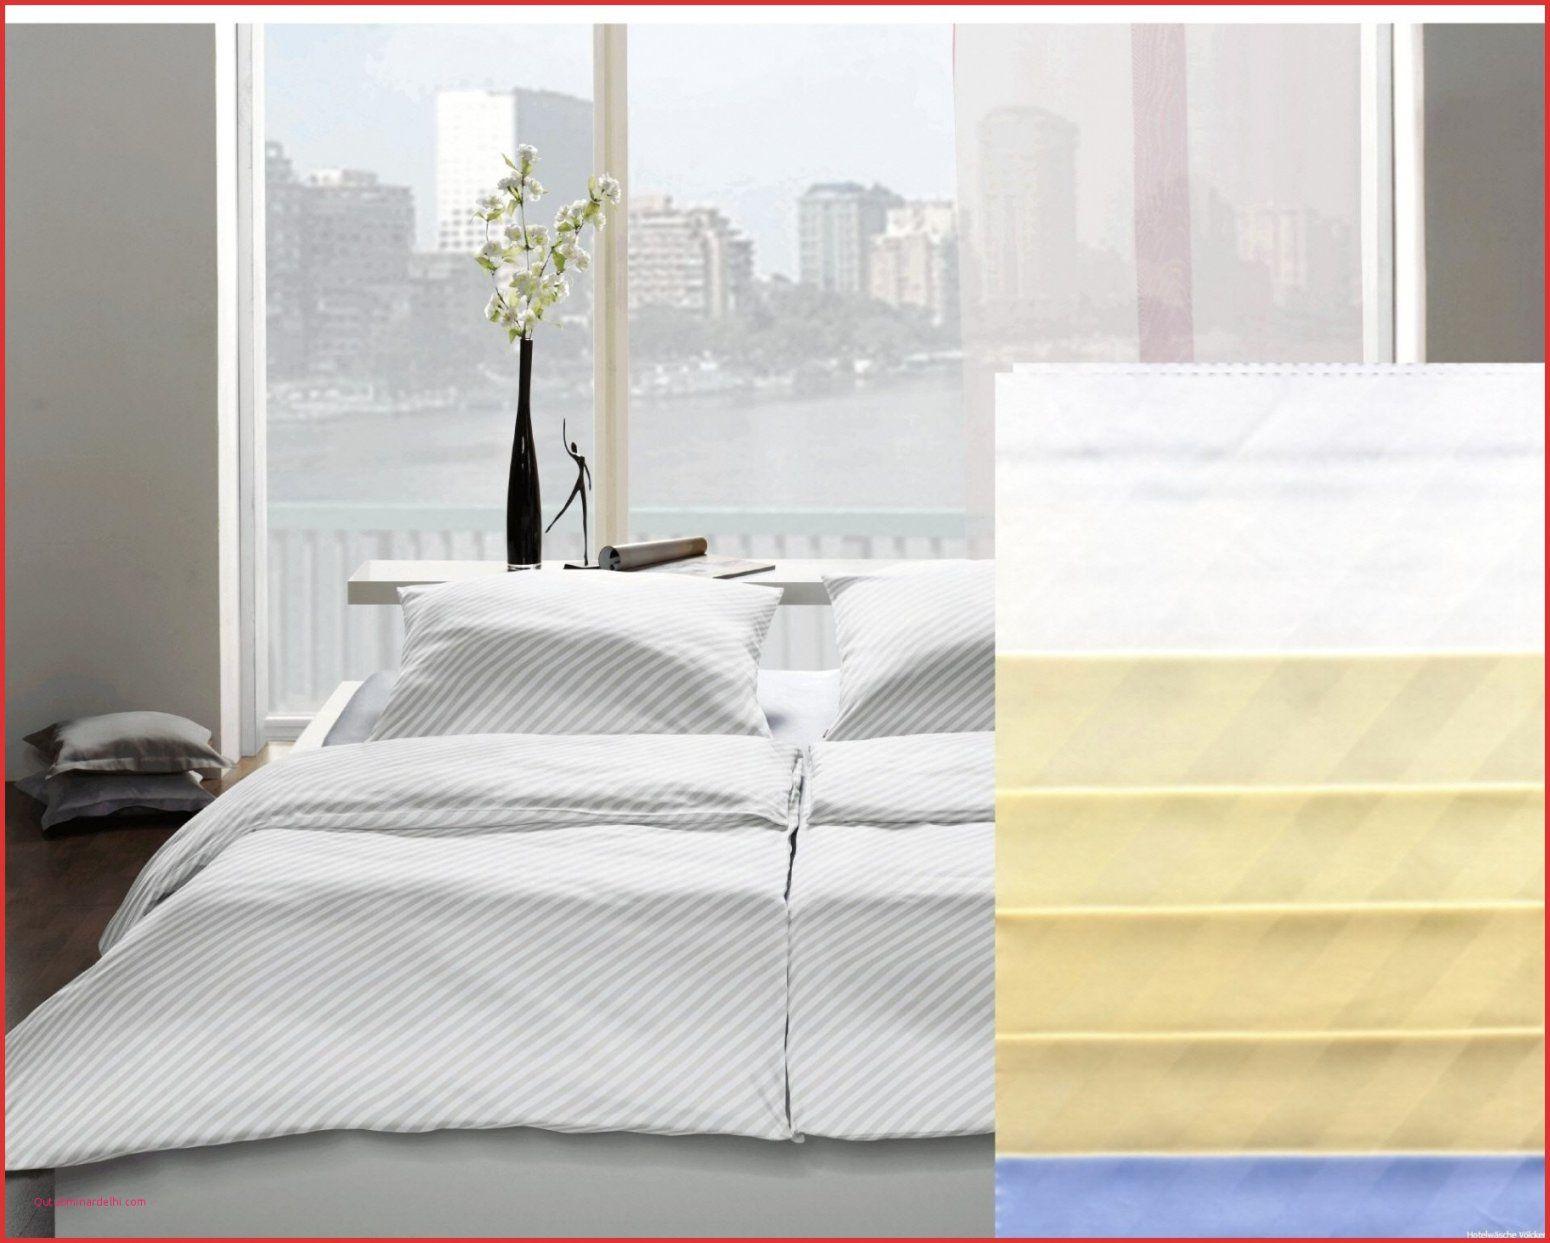 bettw sche von aldi jersey bettw sche aldi haus ideen. Black Bedroom Furniture Sets. Home Design Ideas